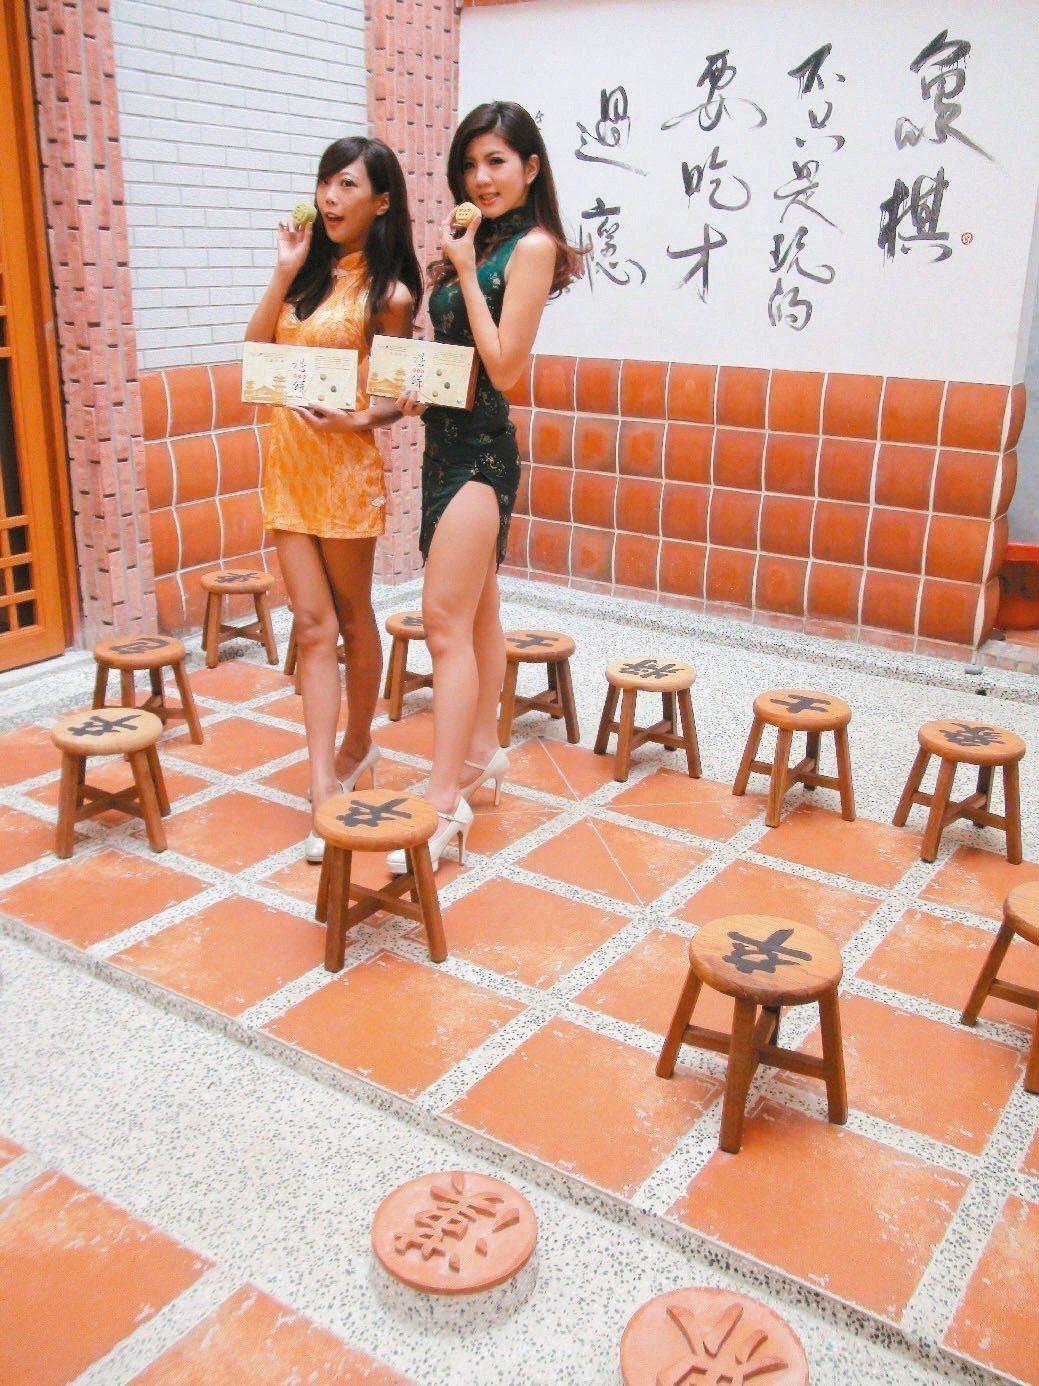 高雄百年餅店中外餅舖在蓮池潭畔成立棋餅文創館,特別在店內闢一處大型棋盤庭院,內有...